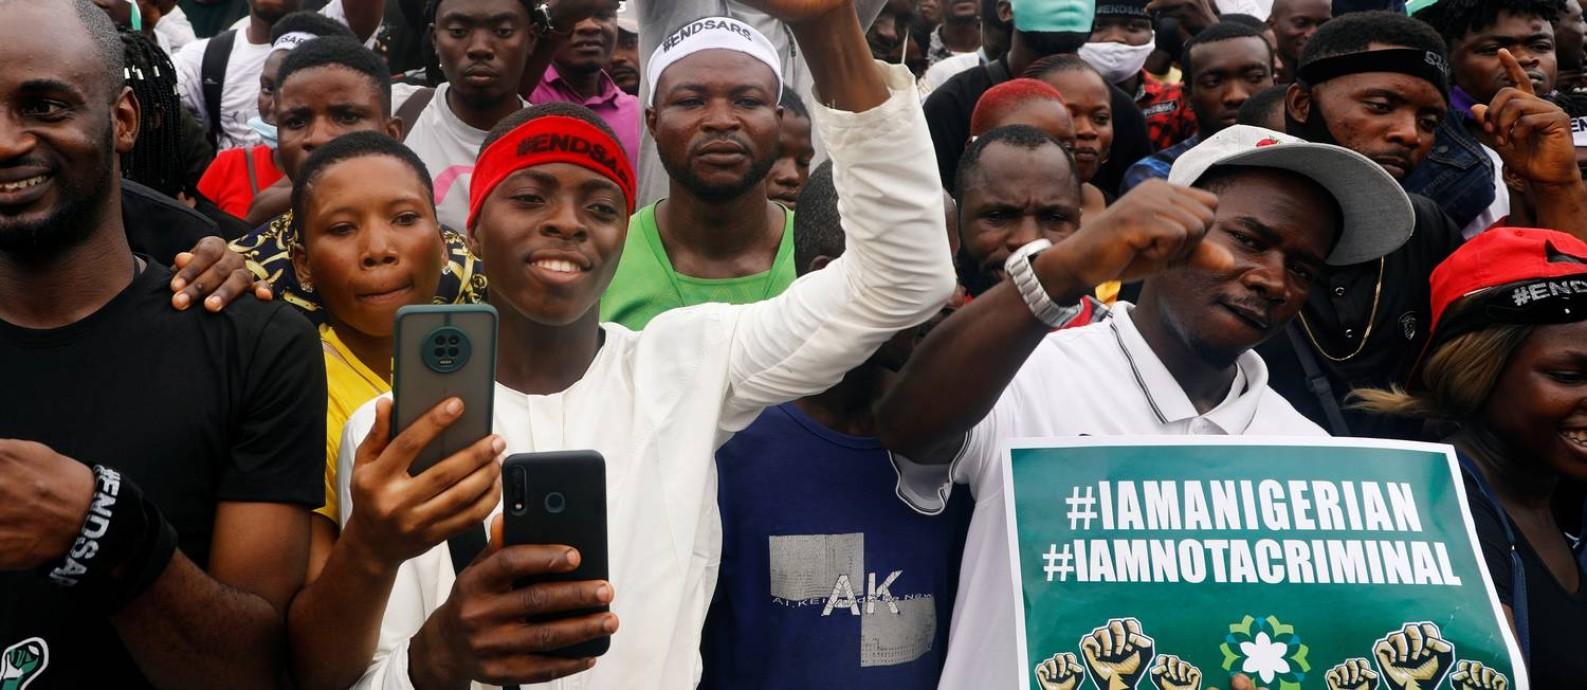 Manifestantes na cidade de Lagos, na Nigéria, em protesto que pede uma ampla reforma na polícia do país Foto: TEMILADE ADELAJA / REUTERS